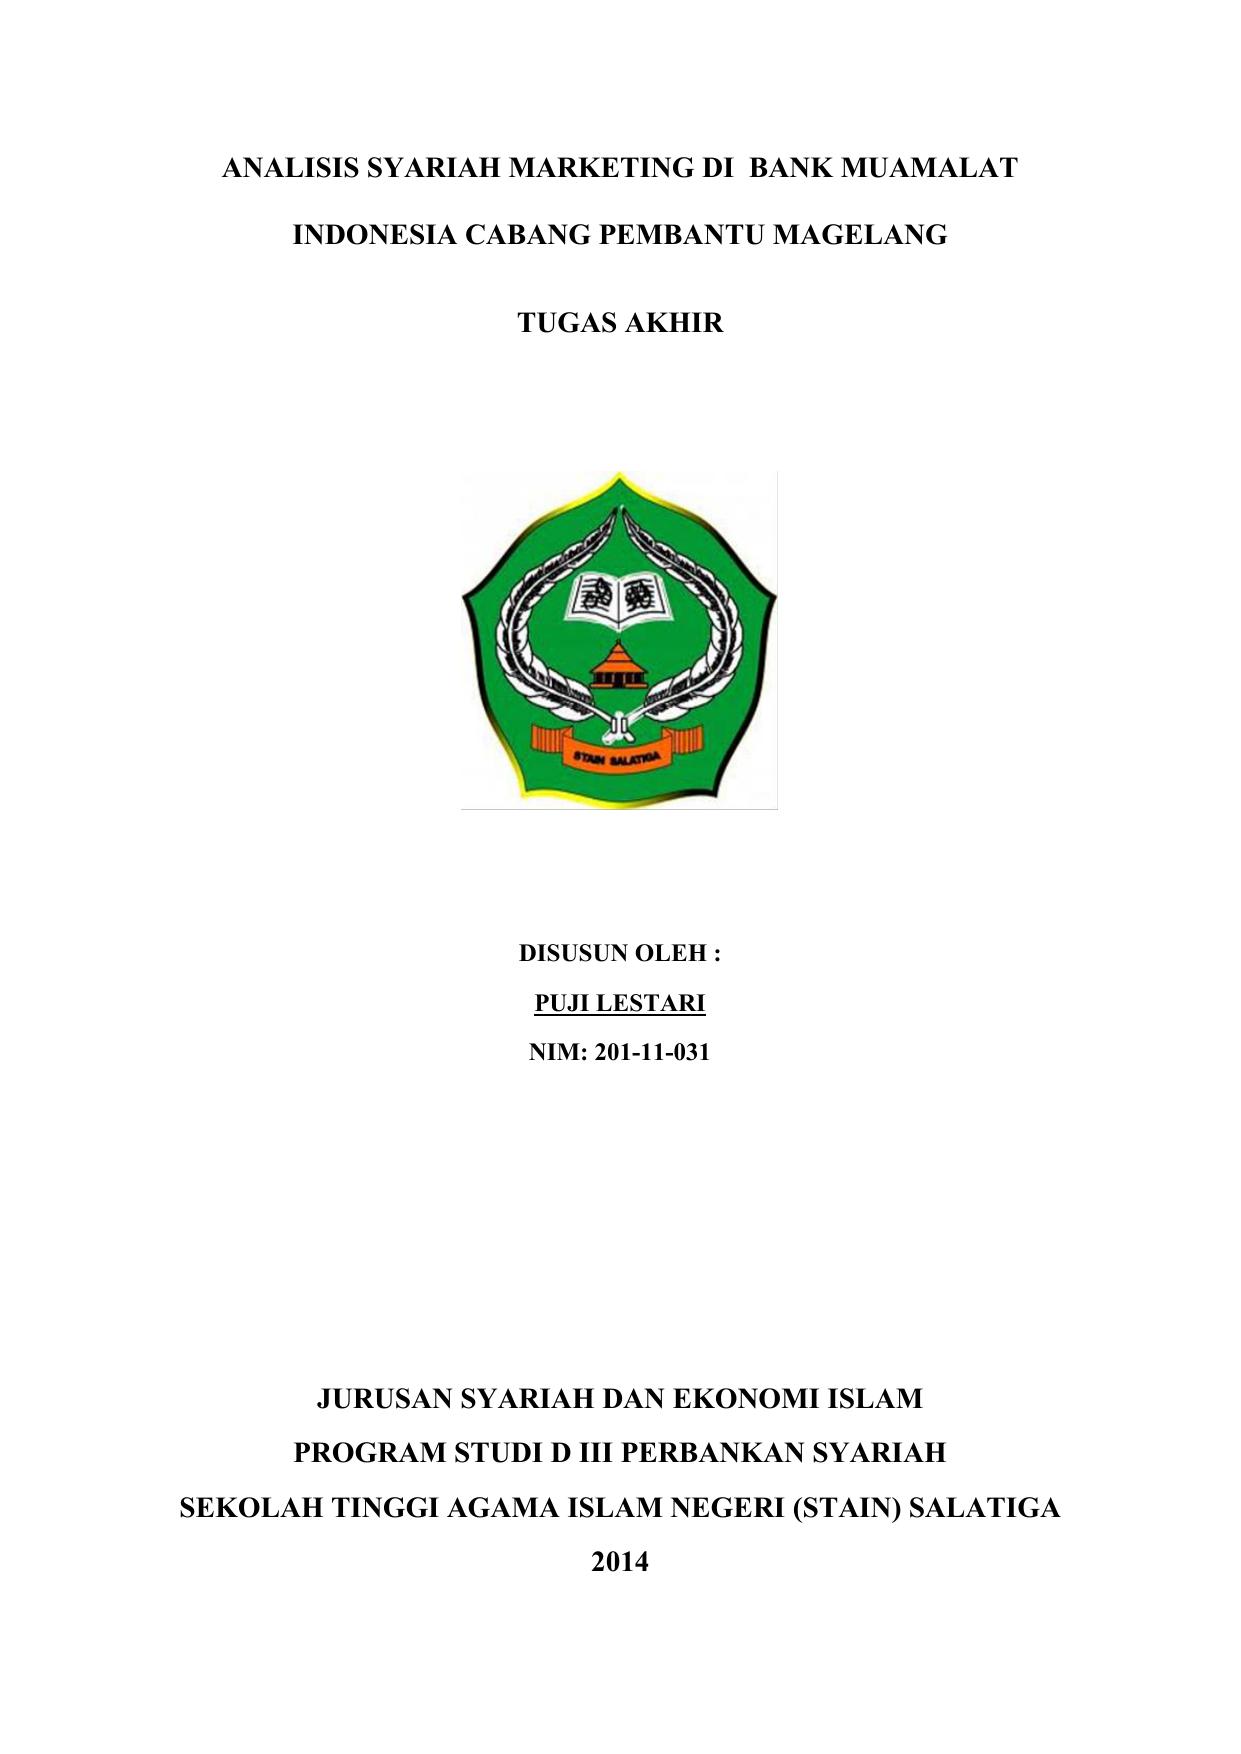 Contoh Laporan Prakerin Jurusan Akuntansi Di Bank Syariah Kumpulan Contoh Laporan